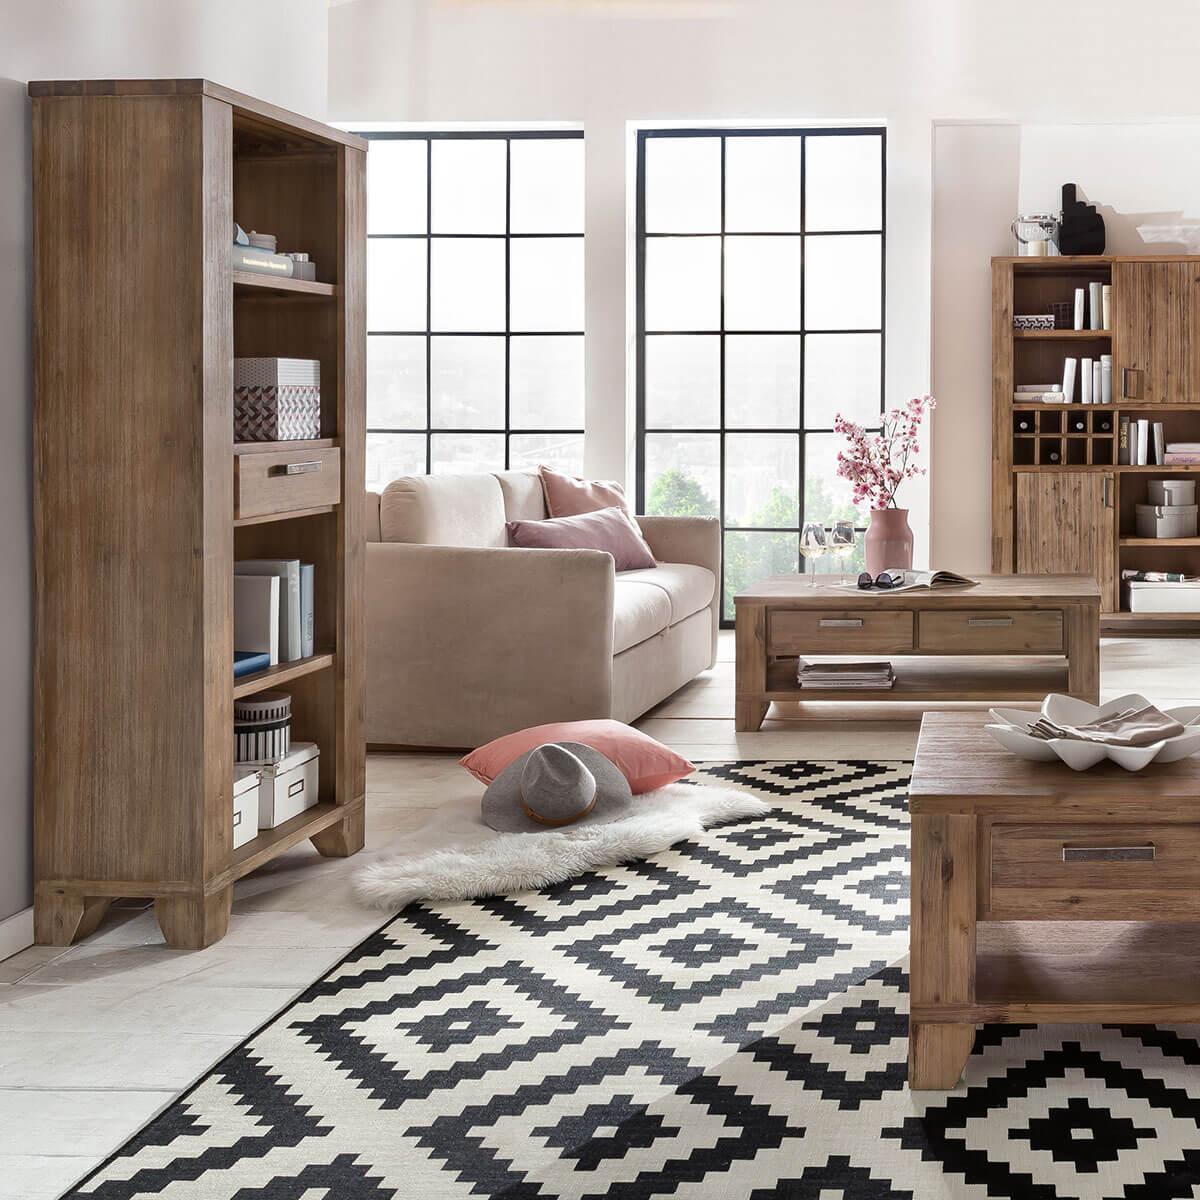 couchtisch avora aus massivholz akazie in braun. Black Bedroom Furniture Sets. Home Design Ideas